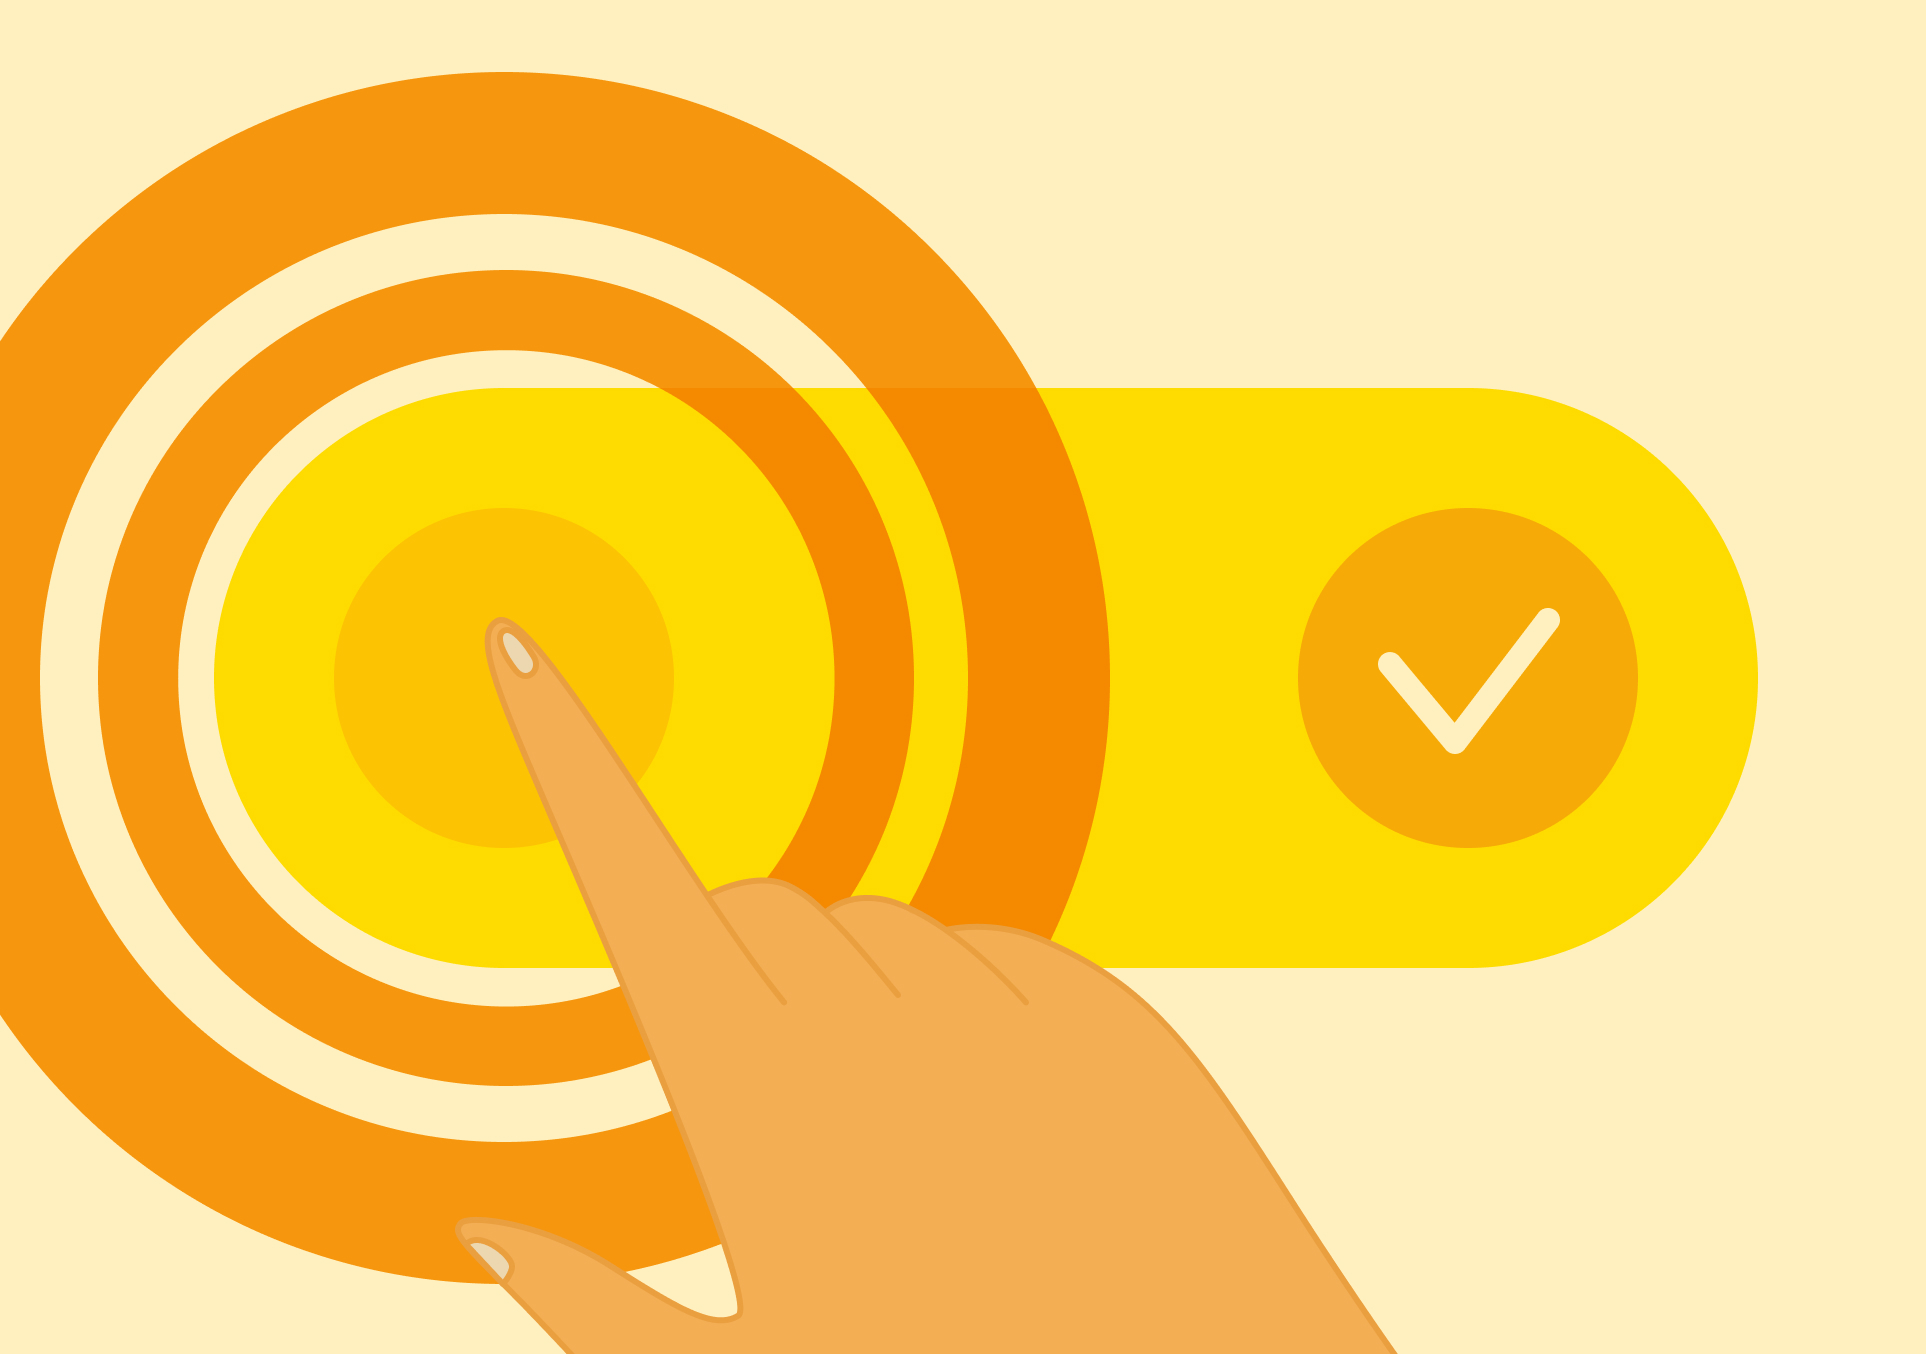 Как делать кнопки и иконки, по которым легко попадать